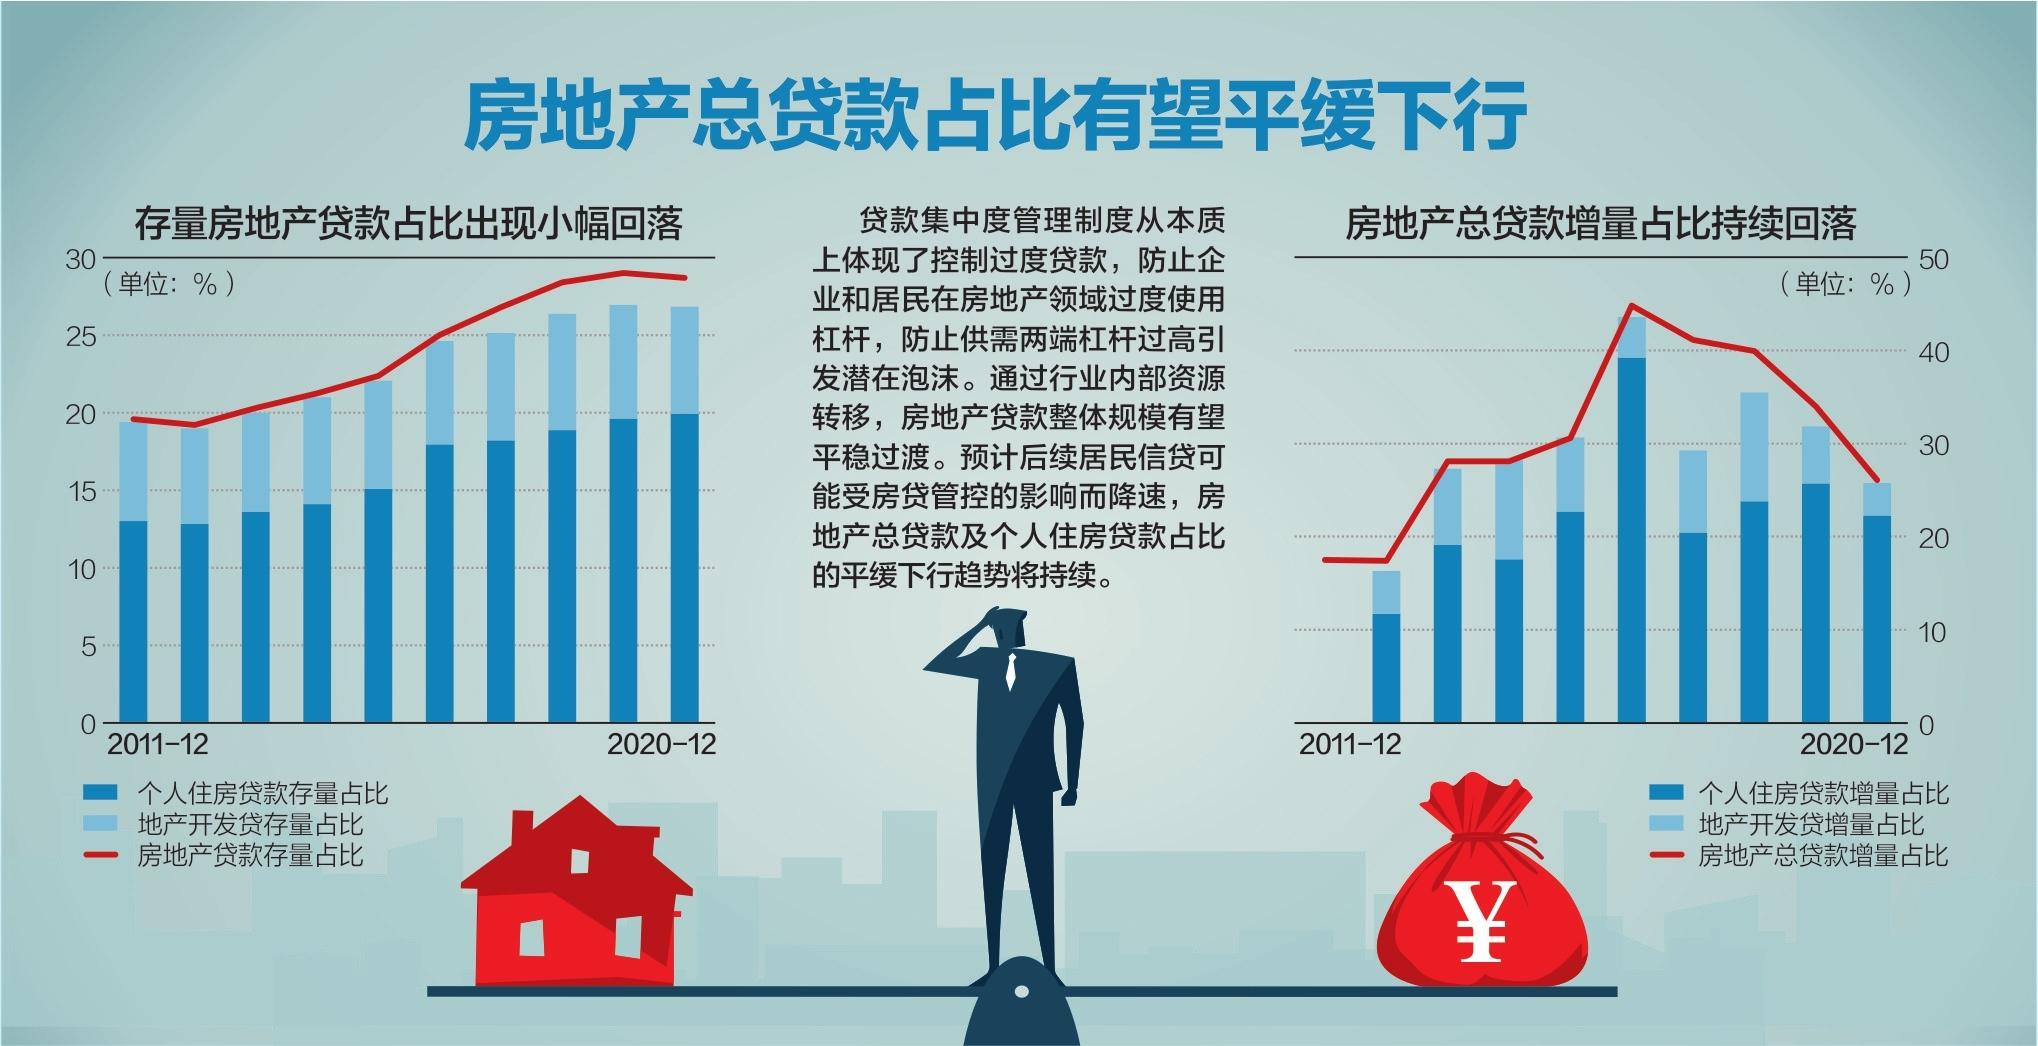 地方版房贷集中度细则密集出台 上海浙江海南等地考核上限调高